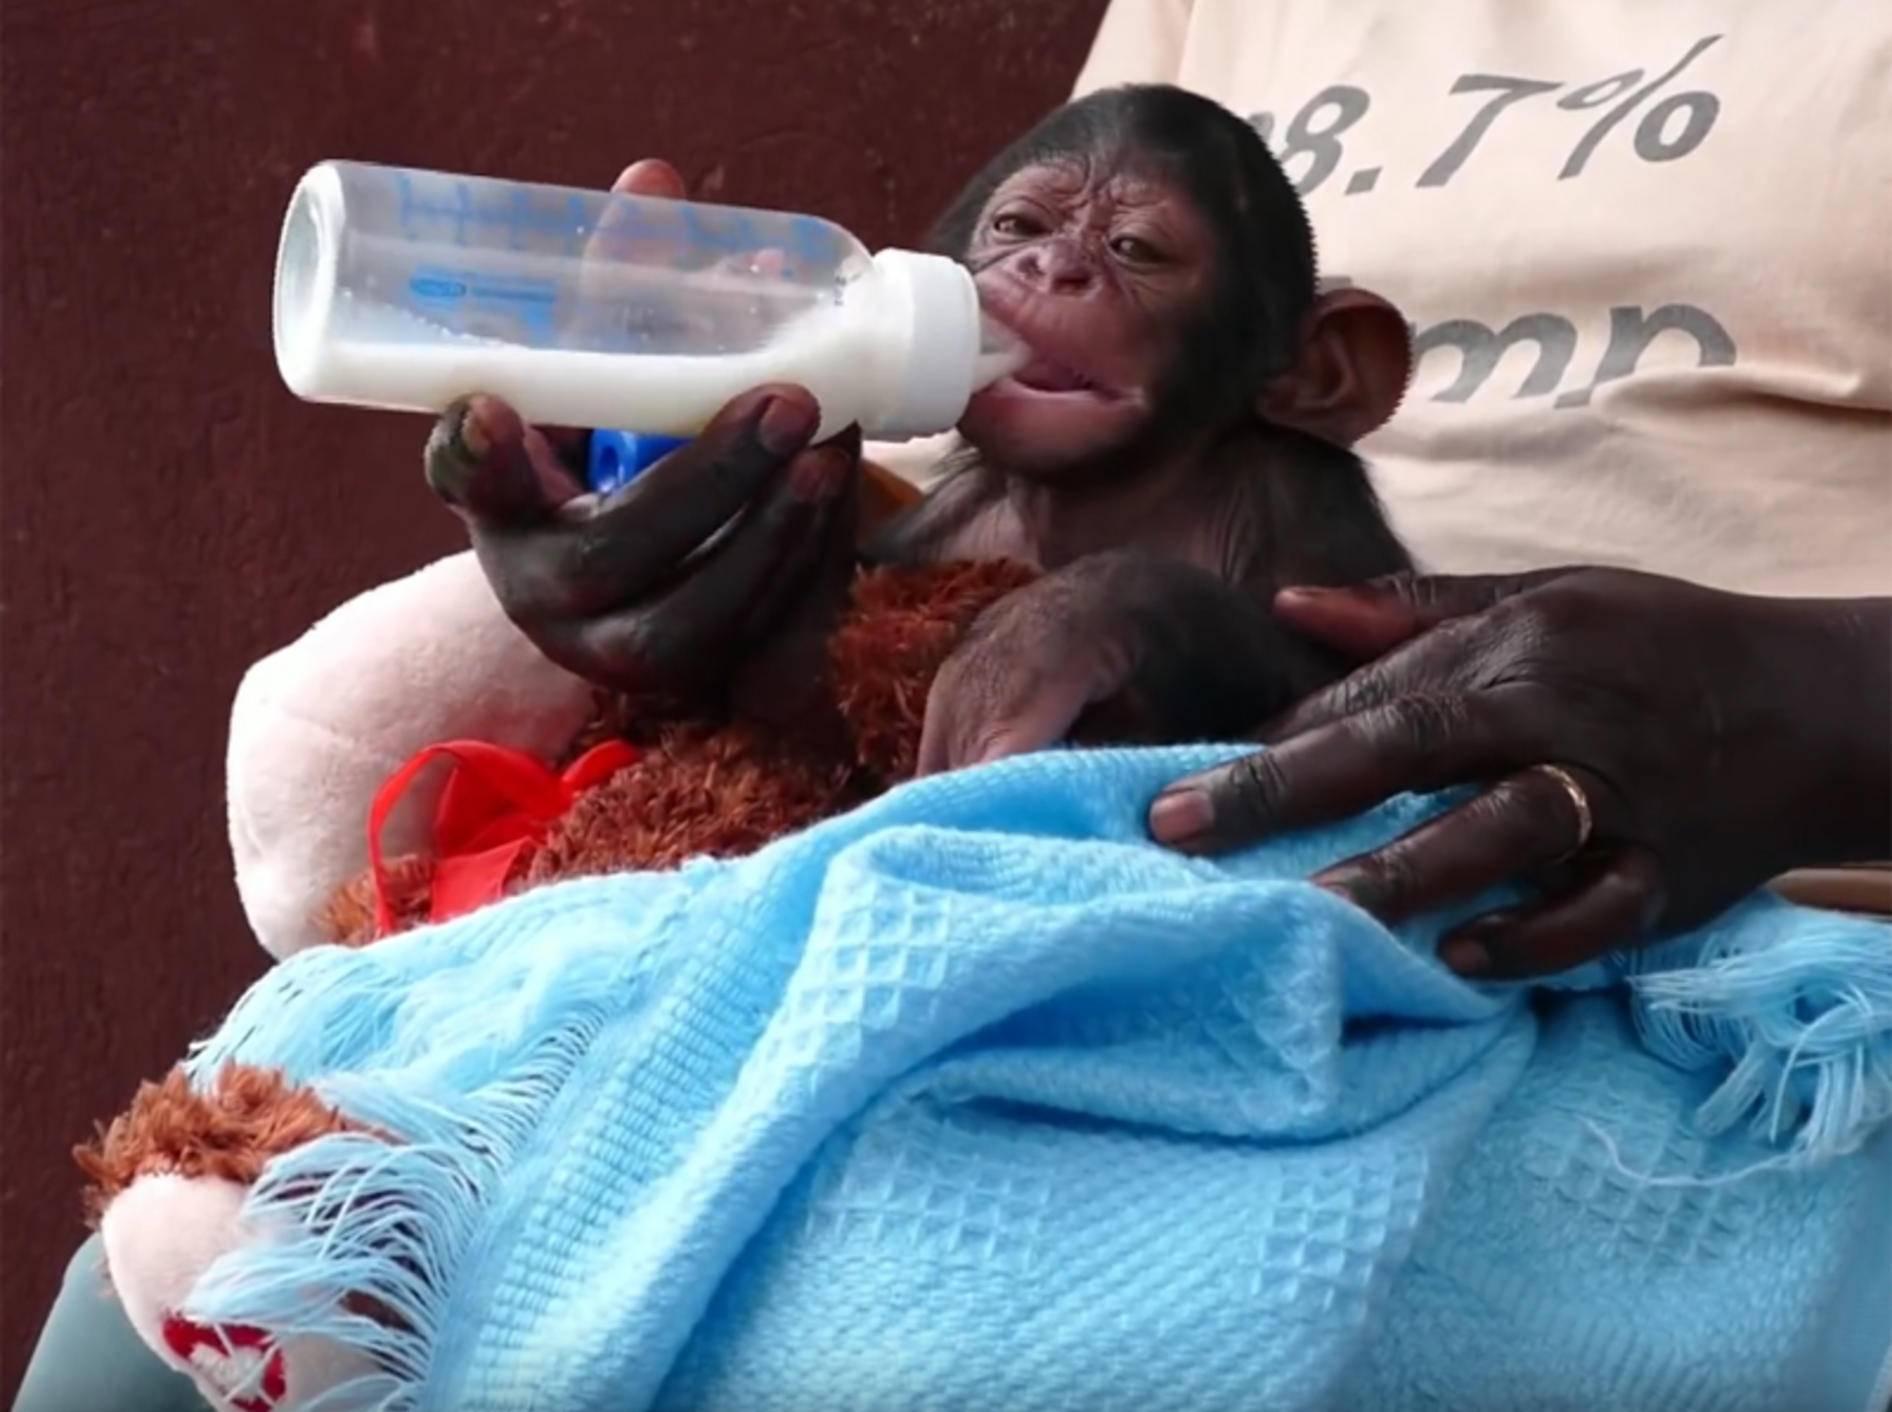 Lecker, Milch! Baby-Schimpanse lässt es sich schmecken – YouTube / Debra Durham